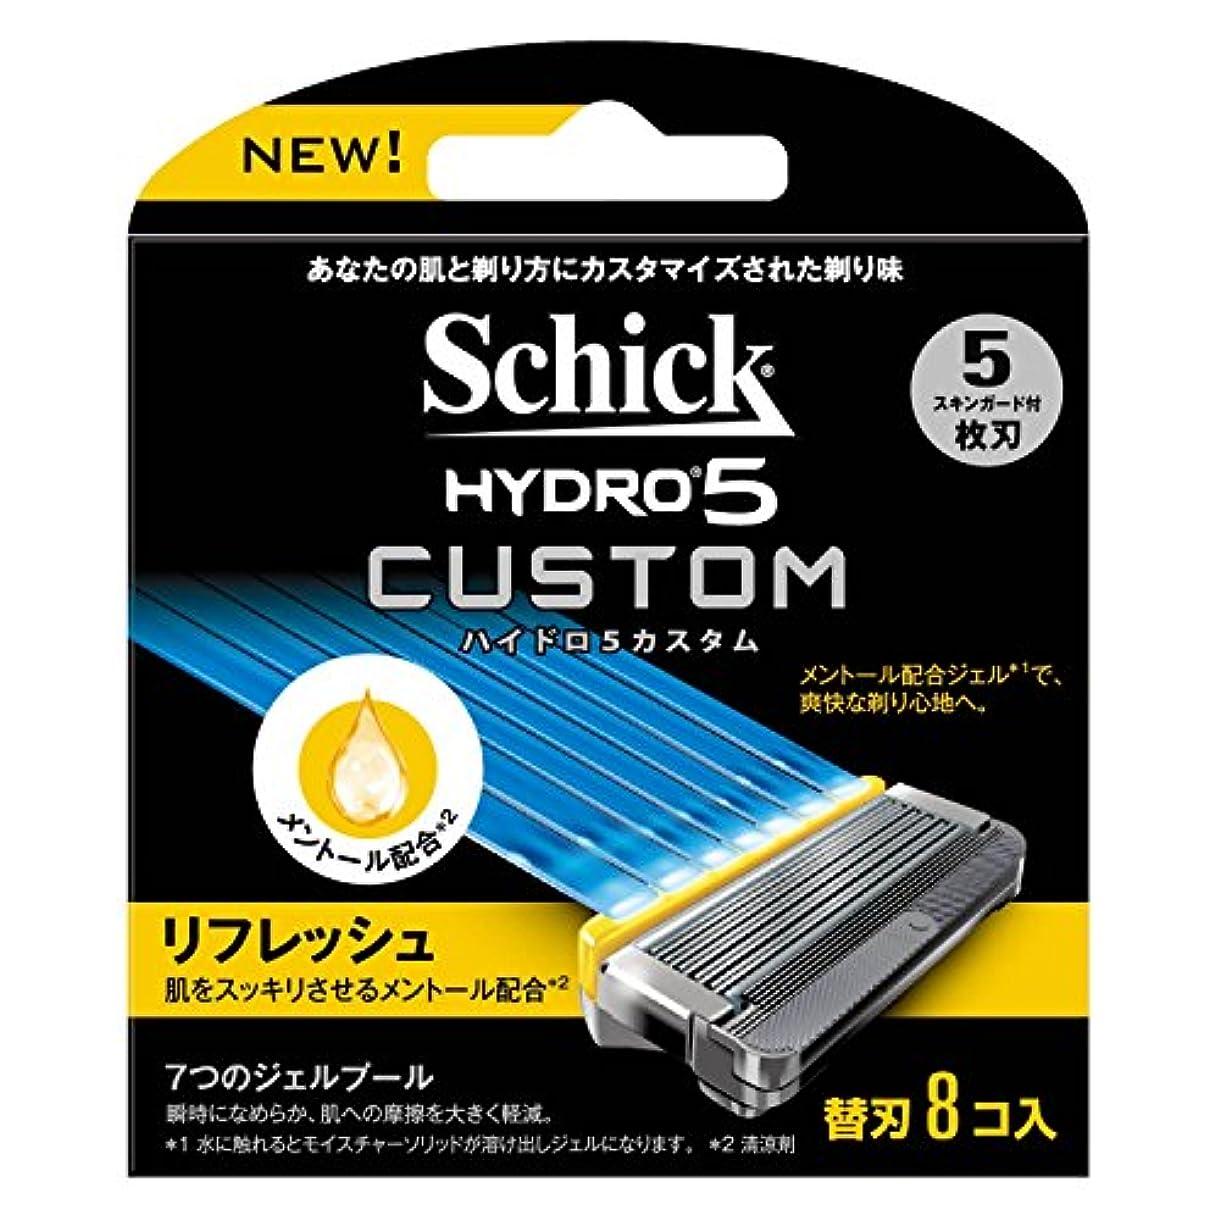 レプリカアパル極めてシック Schick 5枚刃 ハイドロ5 カスタム リフレッシュ 替刃 8コ入 男性 カミソリ